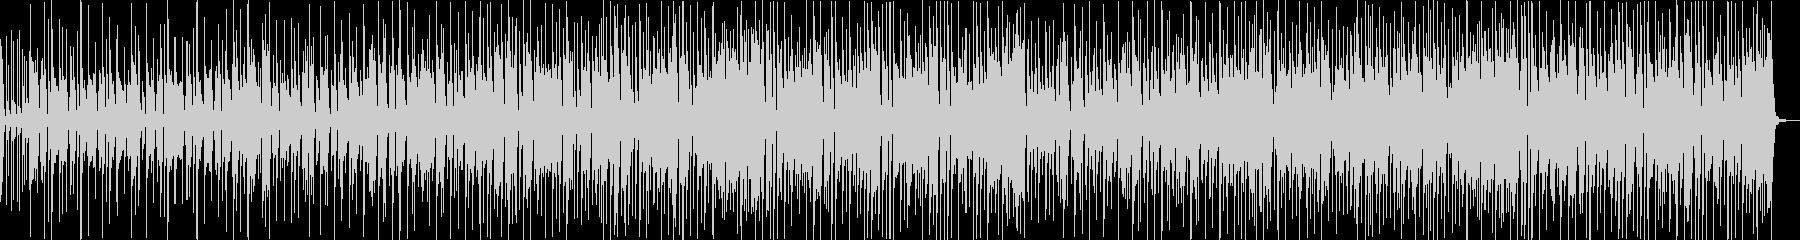 ゆったり楽観的な音楽トラックの未再生の波形